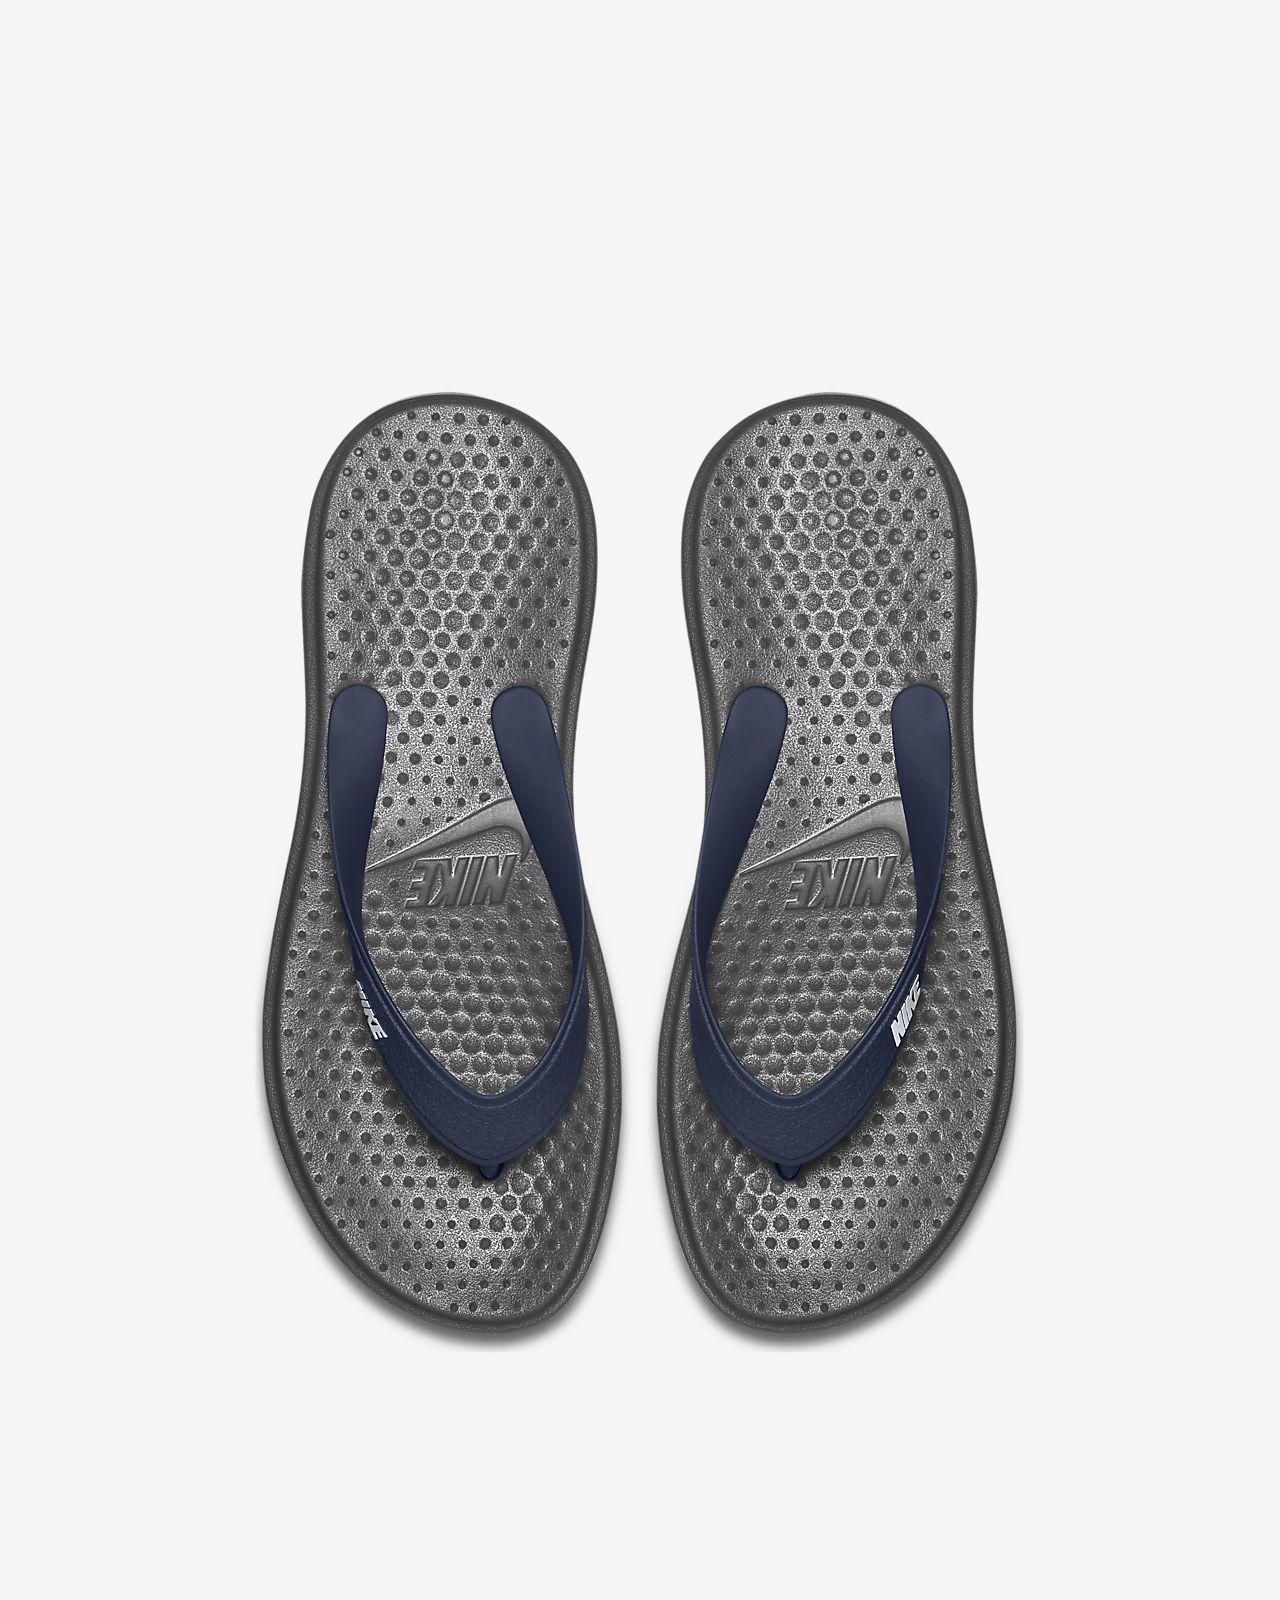 dee453d0b52e Nike Solay Men s Flip-Flop. Nike.com CA